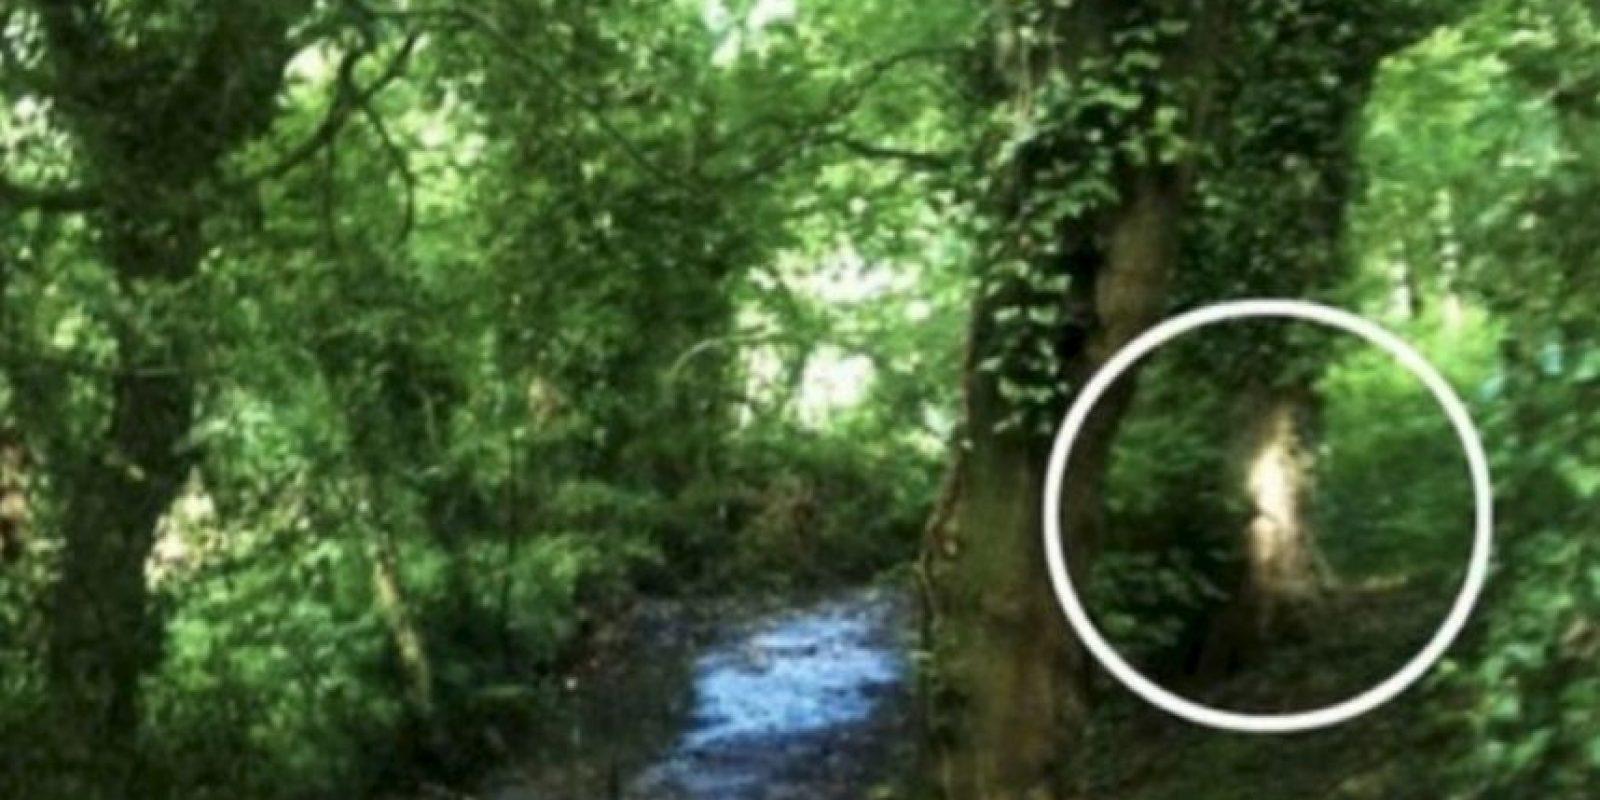 Después de haber captado las imágenes en un bosque de Birmingham, en Reino Unido, con su smartphone, llegó a casa y al revisarlas se percató de una figura extraña en un árbol. Foto:Birminghamhistory